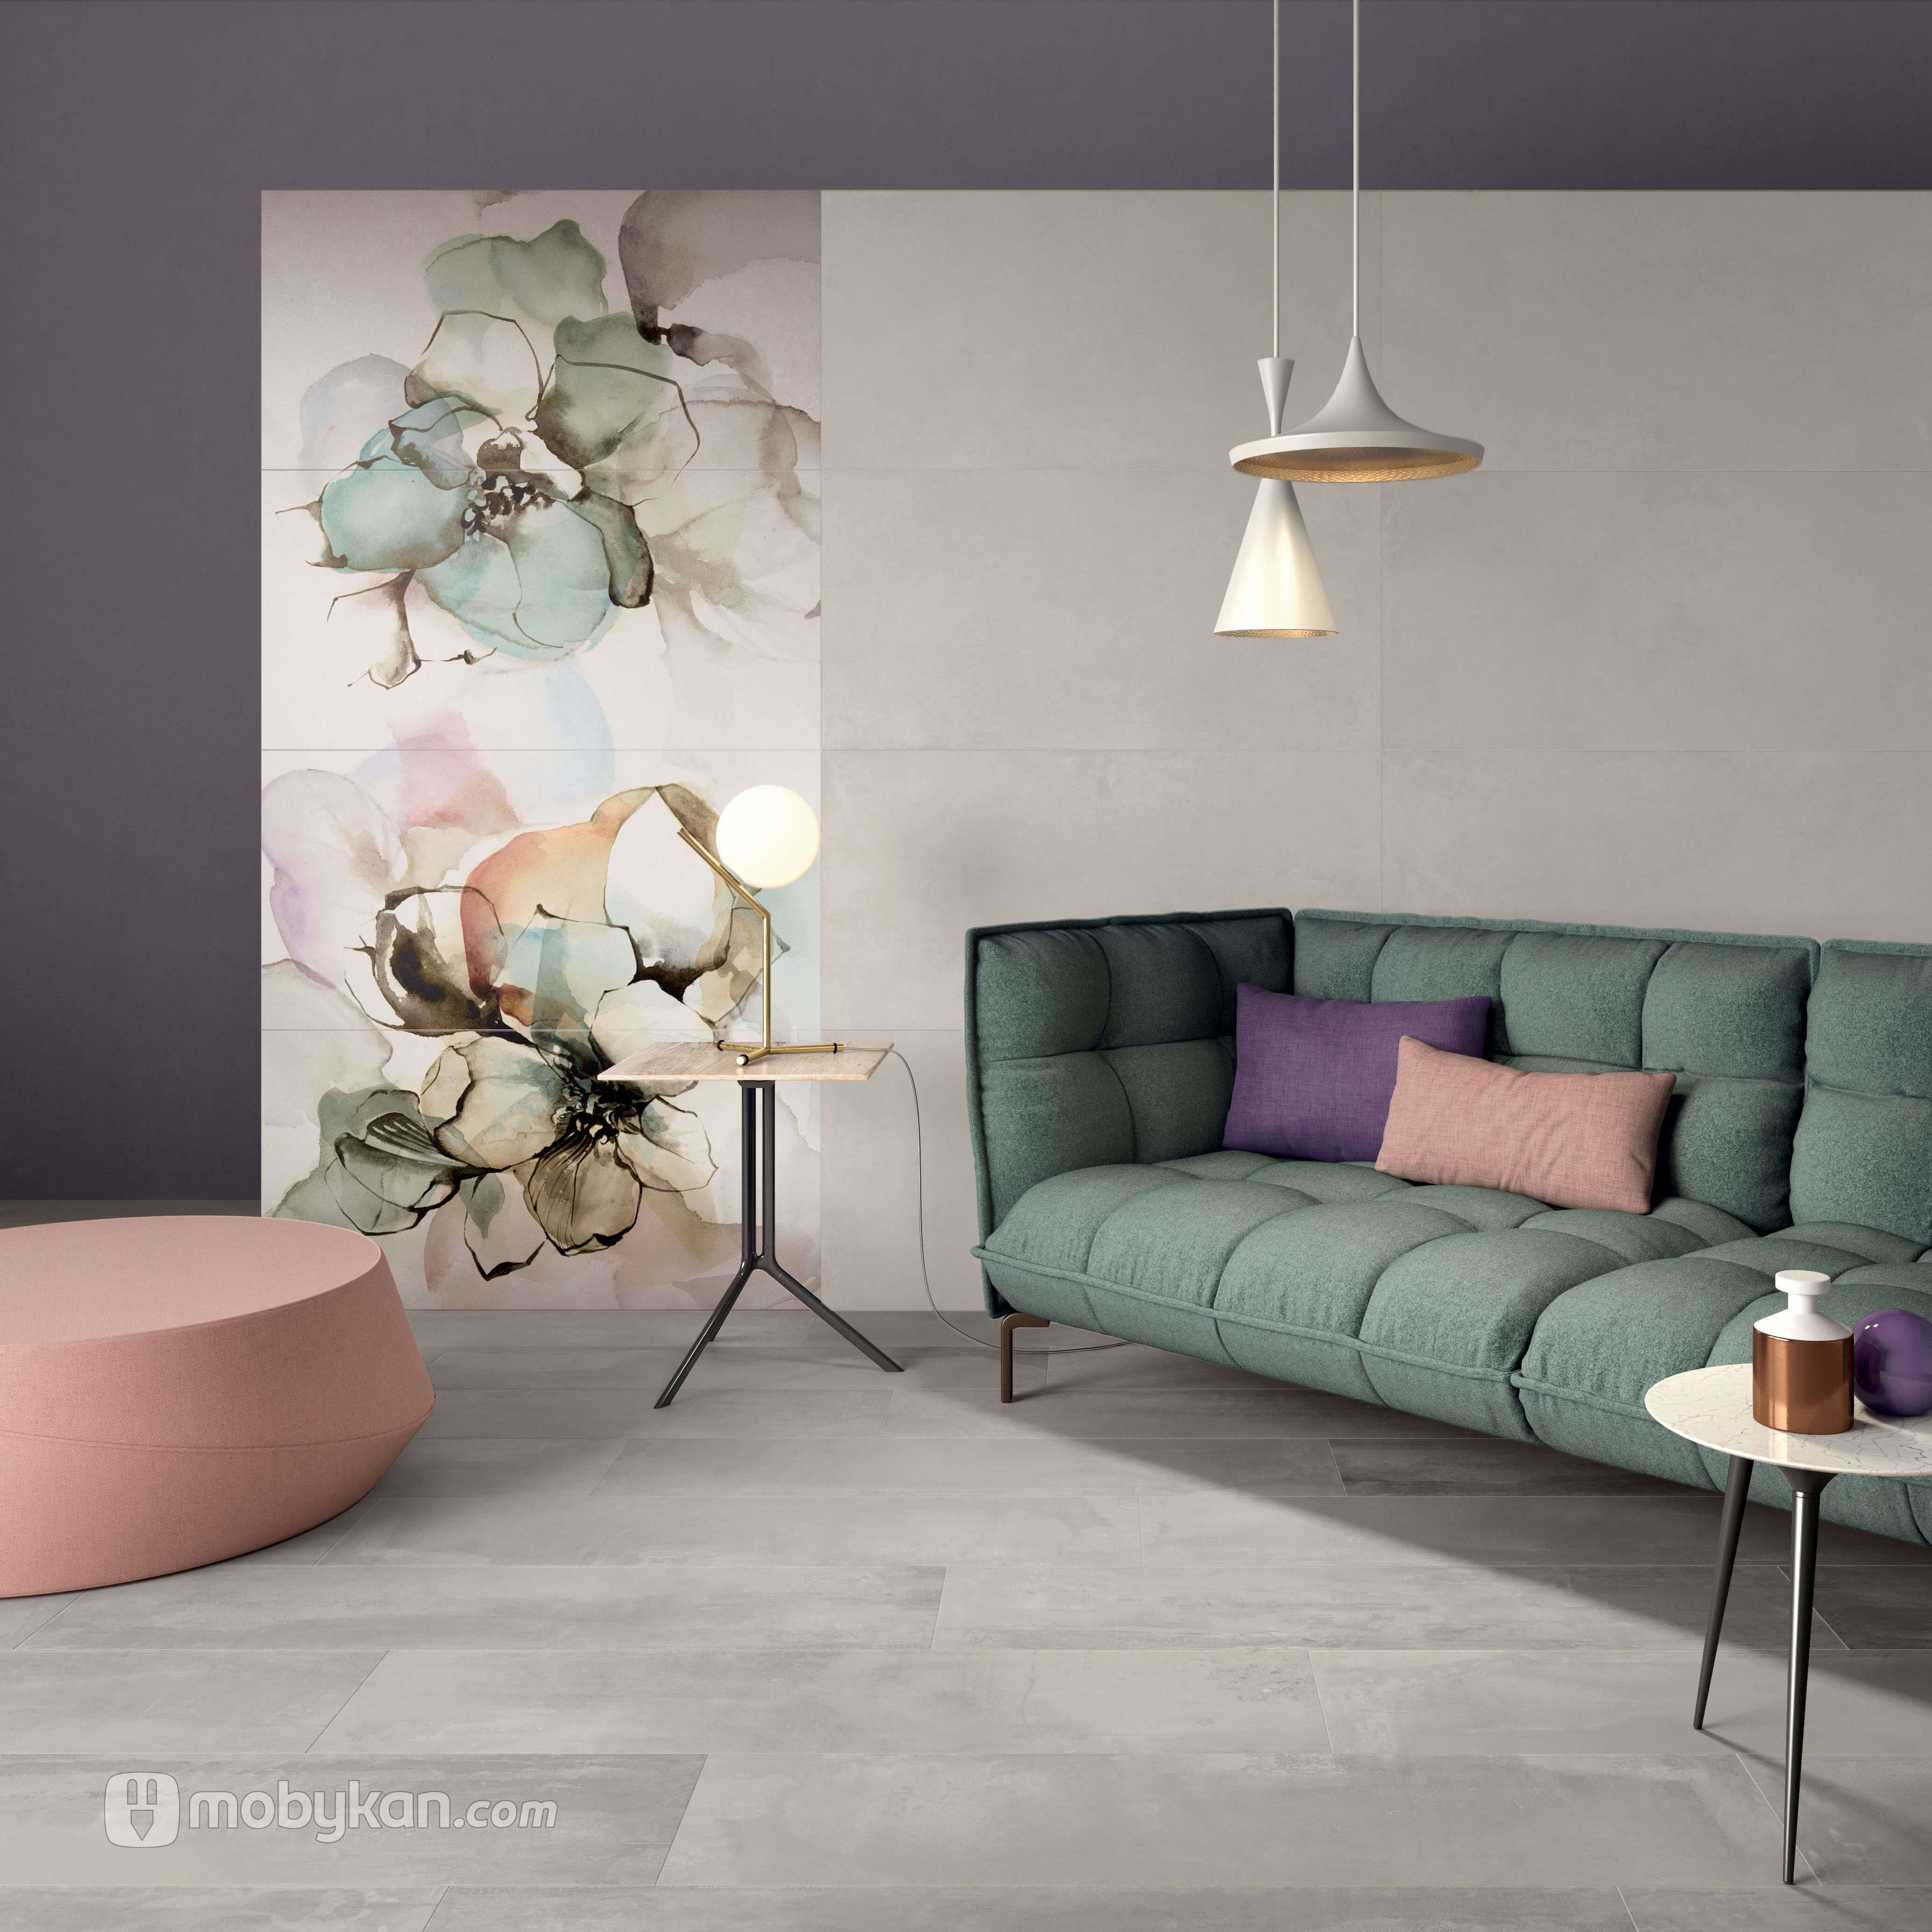 اشكال و الوان حوائط مميزه و مختلفه مجلة موبيكان Living Room Decor Accent Walls In Living Room Decor